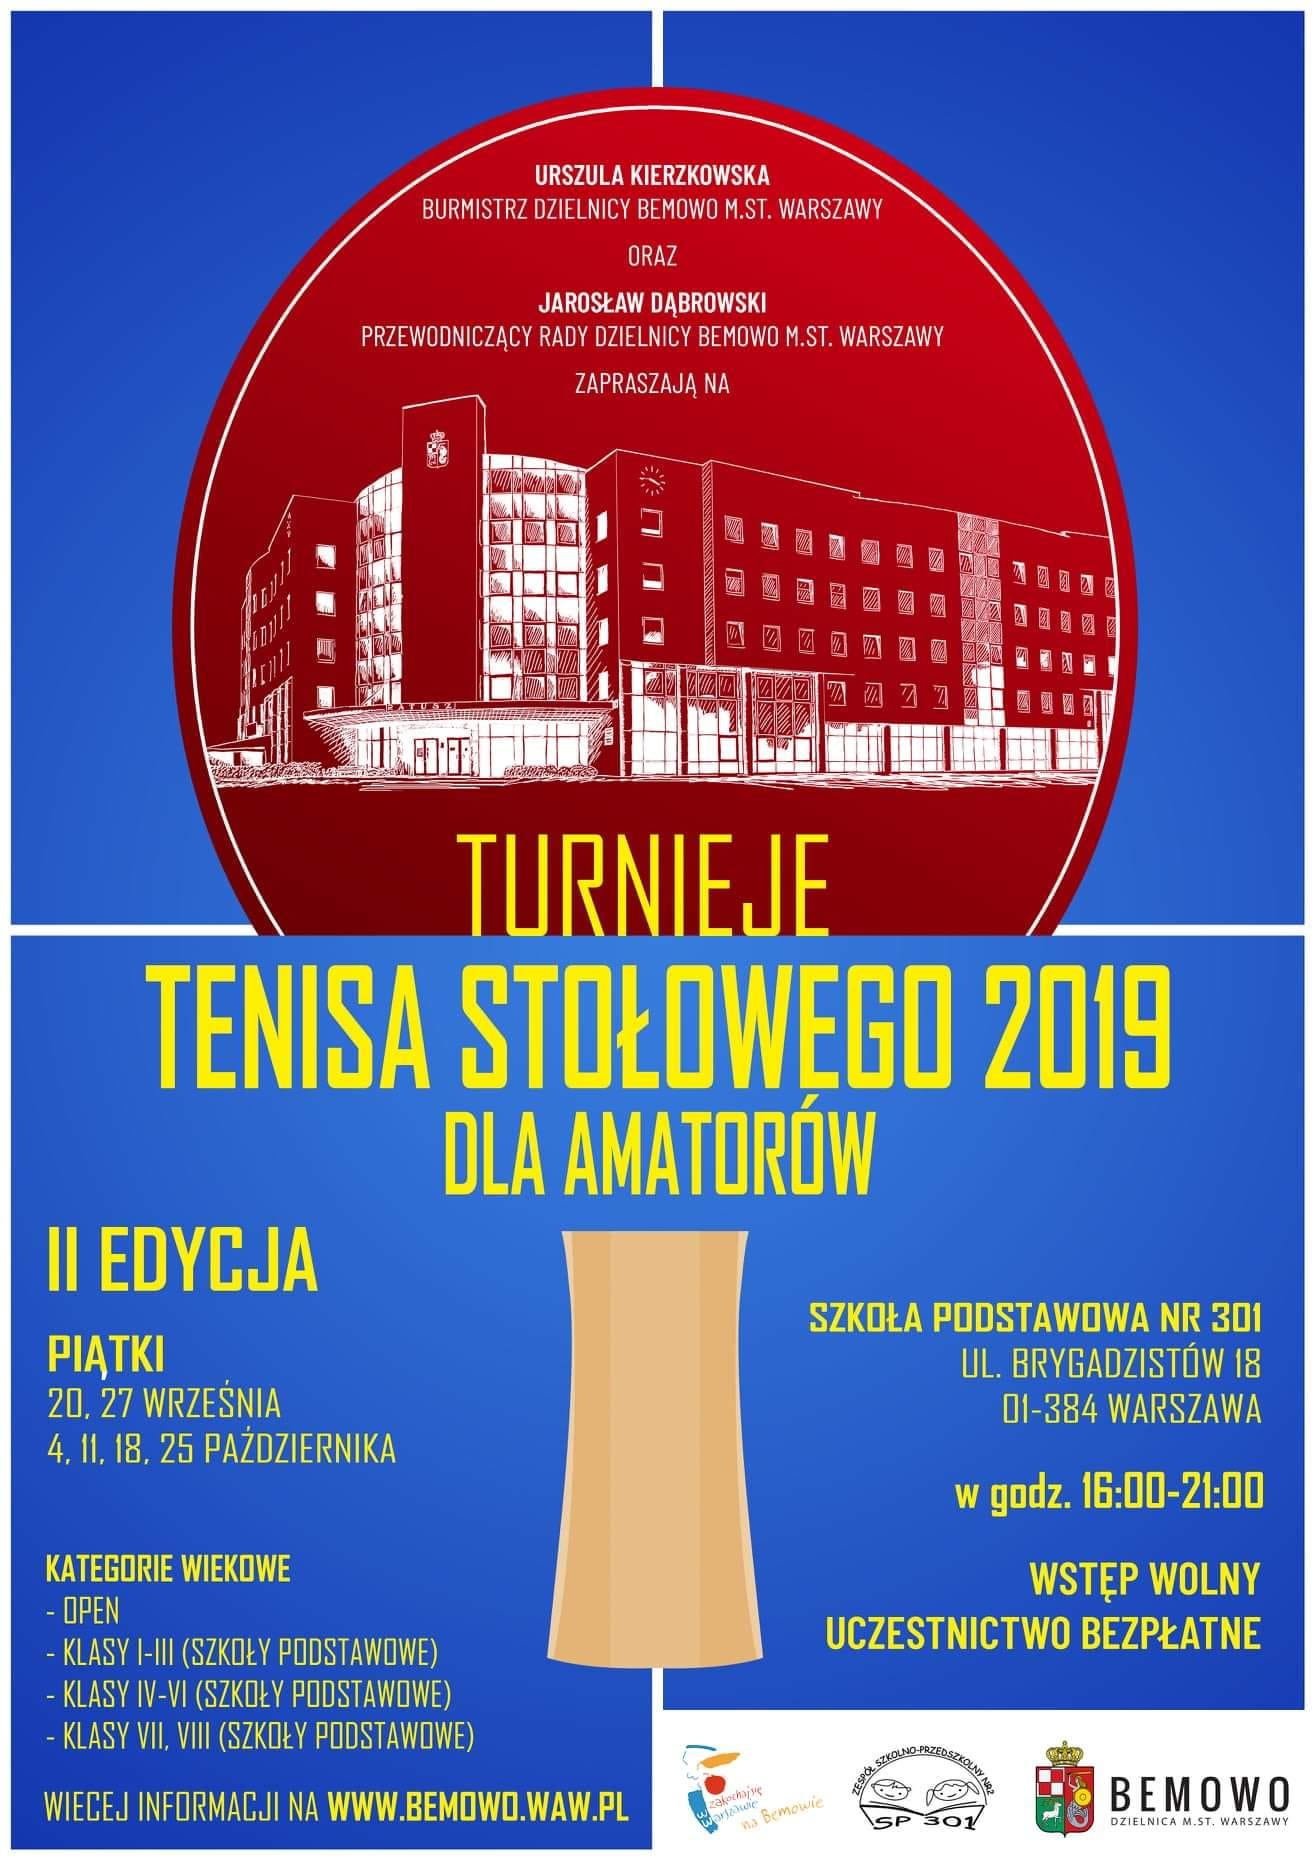 Plakat turnieju Turnieje tenisa stołowego Bemowo - Brygadzistów (25 października 2019) - II EDYCJA